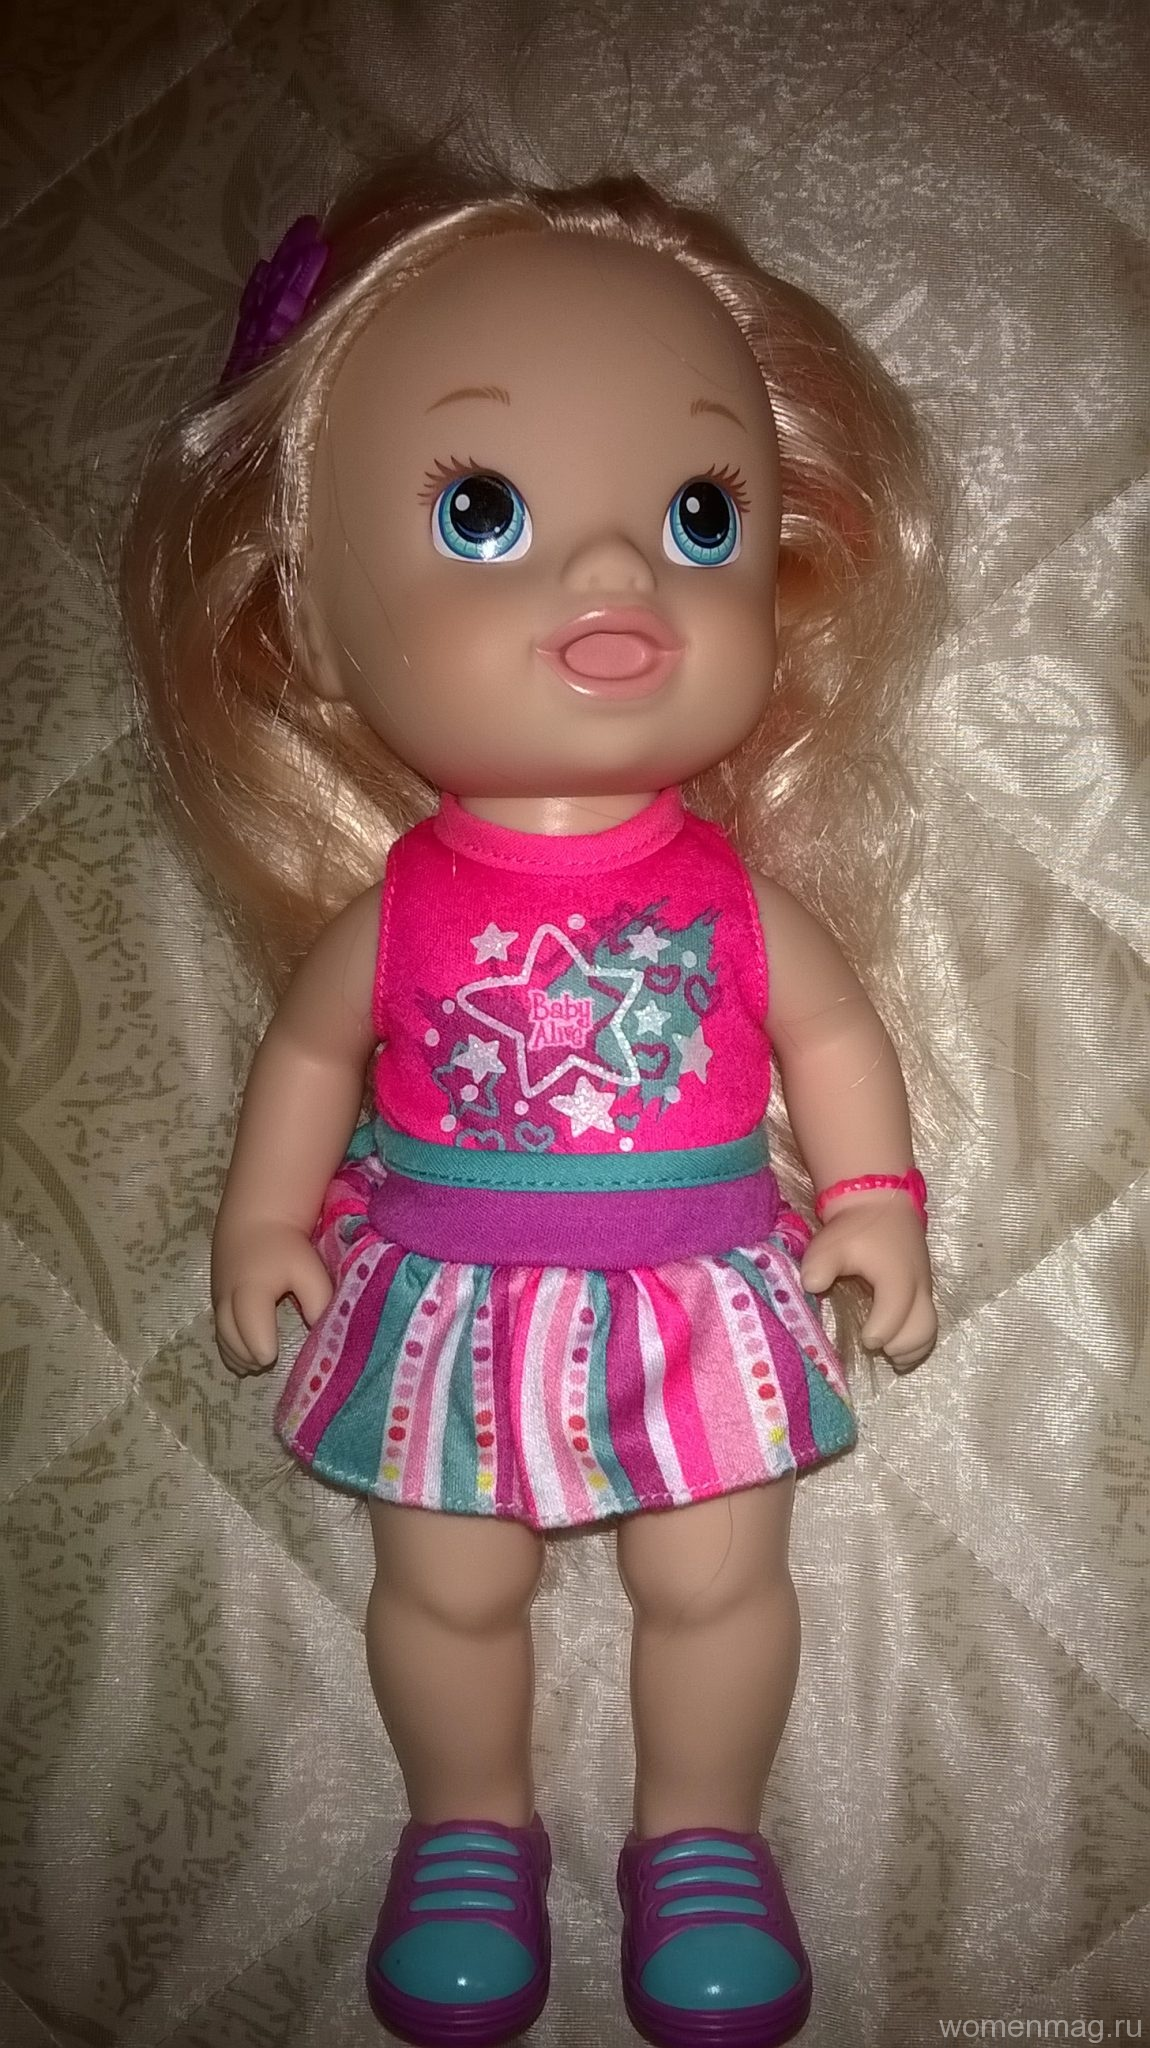 Отзыв на куклу Baby Alive с длинными волосами